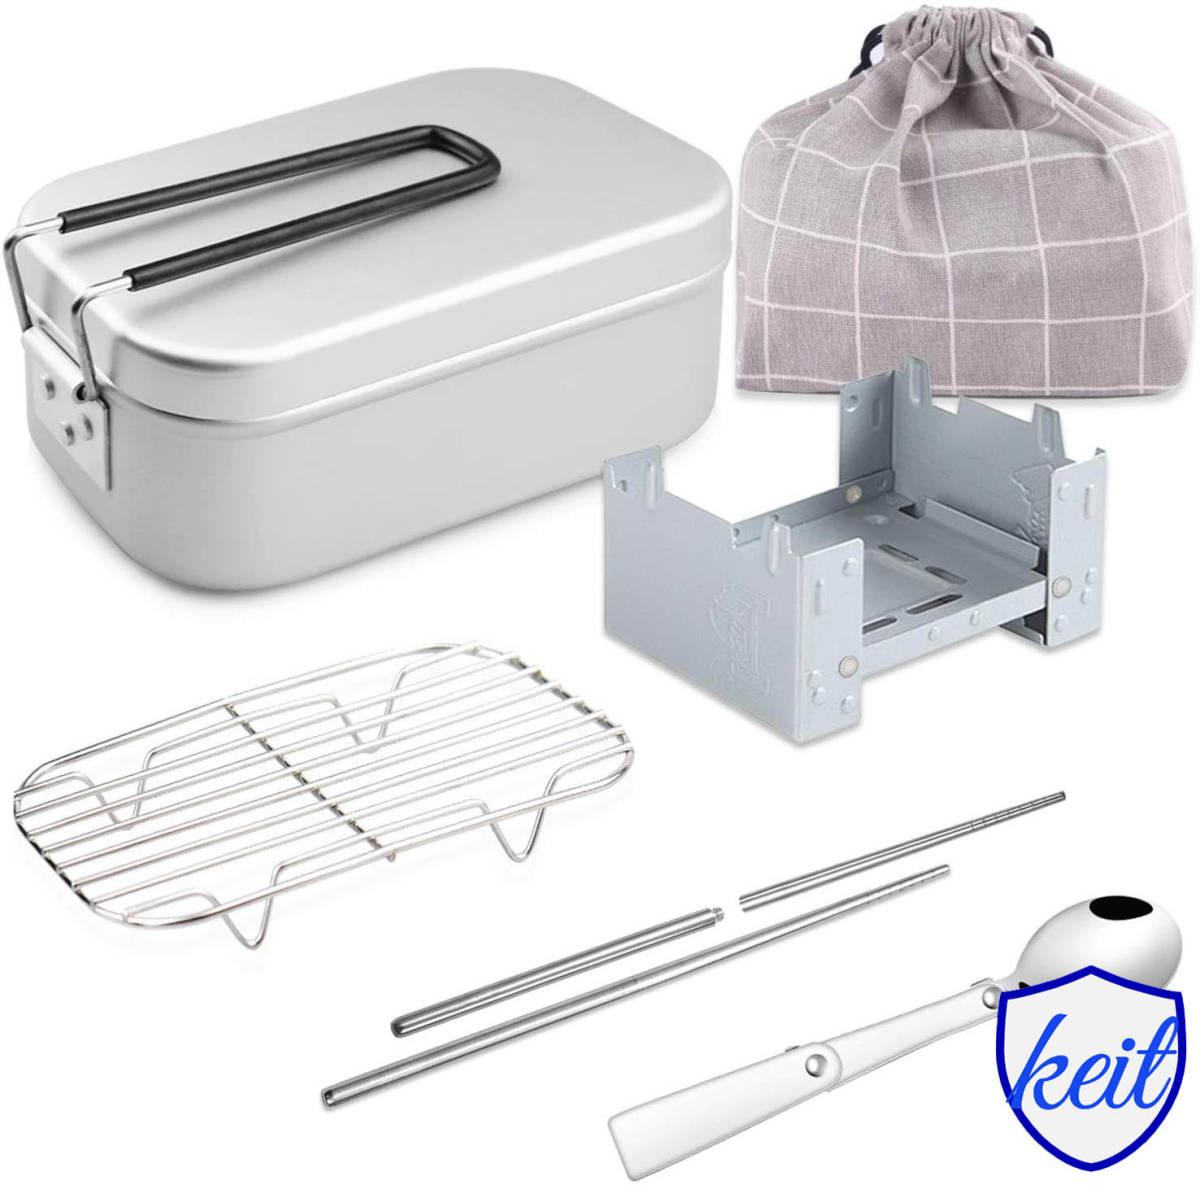 キャンプ アウトドア用品 メスティン6点セット 飯盒 収納袋付きバリ取り済みアルミ飯ごう 目盛り付き 防災対策